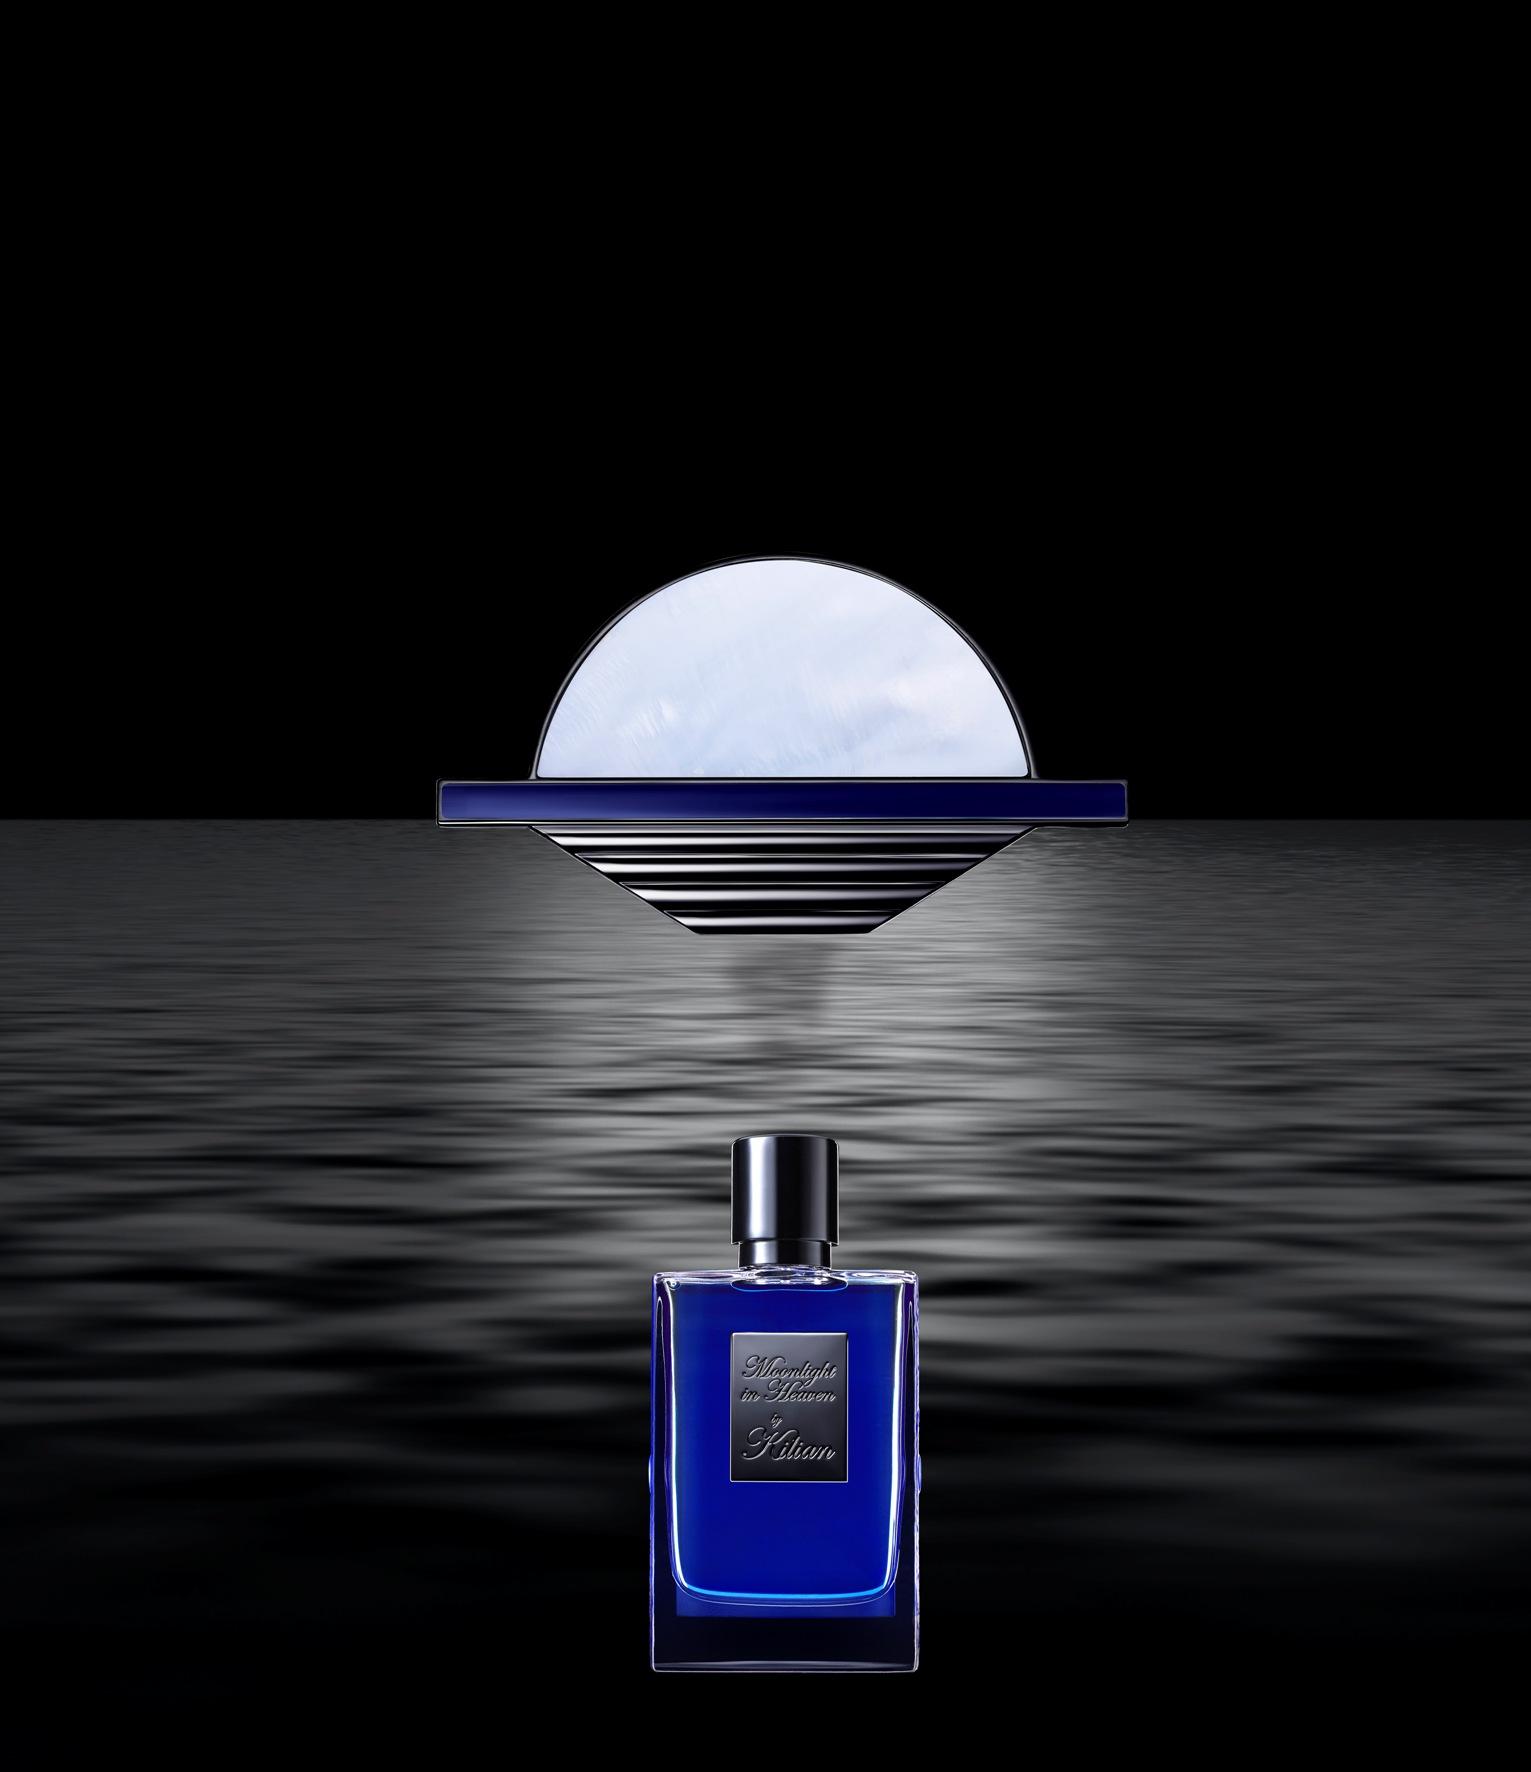 By Kilian Moonlight in Heaven ad.jpg